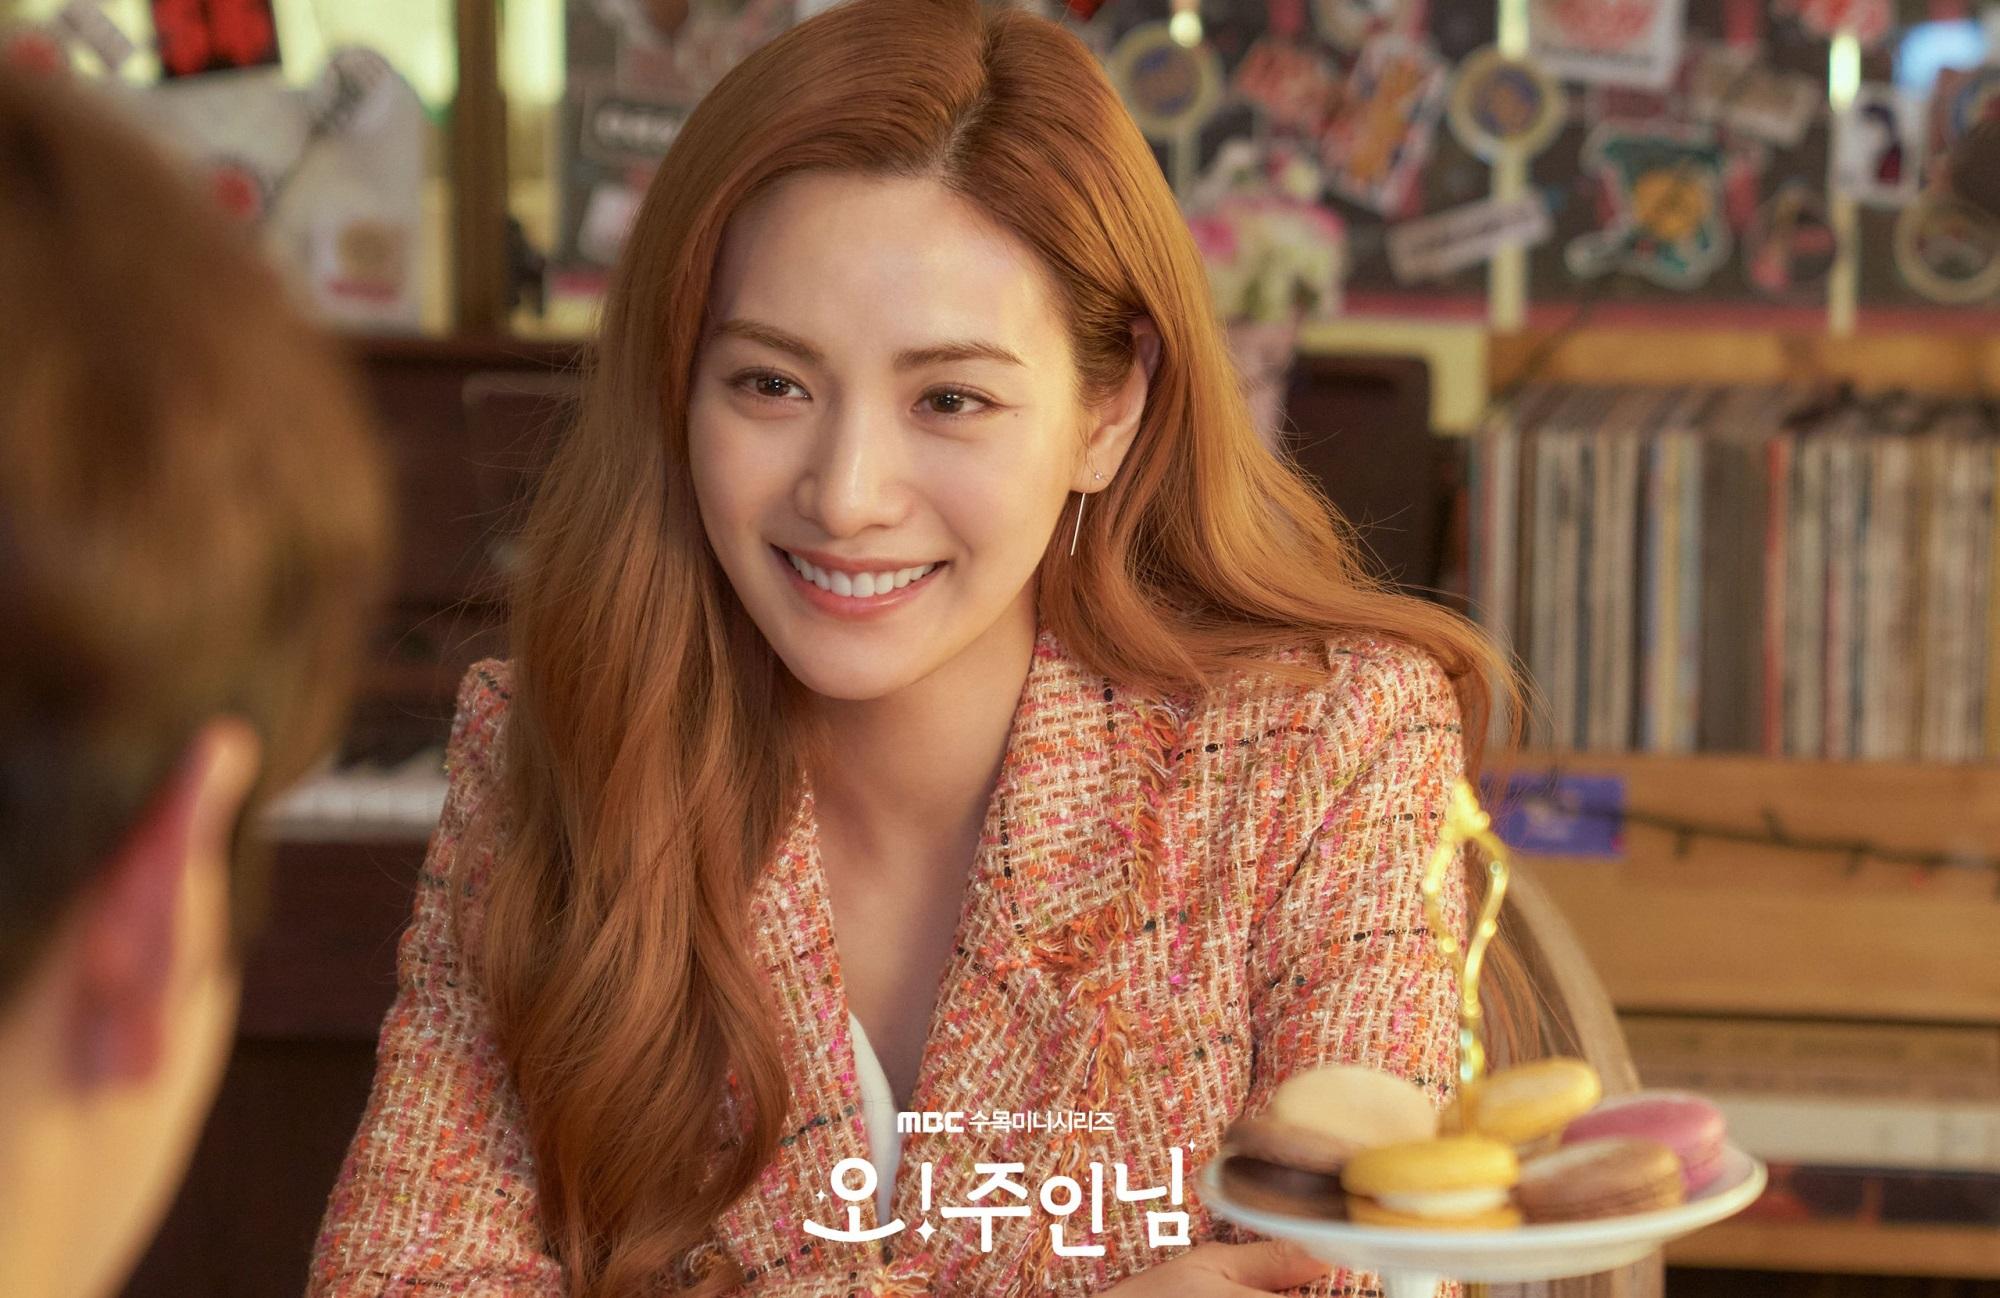 4 màu tóc nhuộm đang hot rần rần trong phim Hàn, chị em áp dụng thì độ sang chảnh lên một tầm cao mới - Ảnh 3